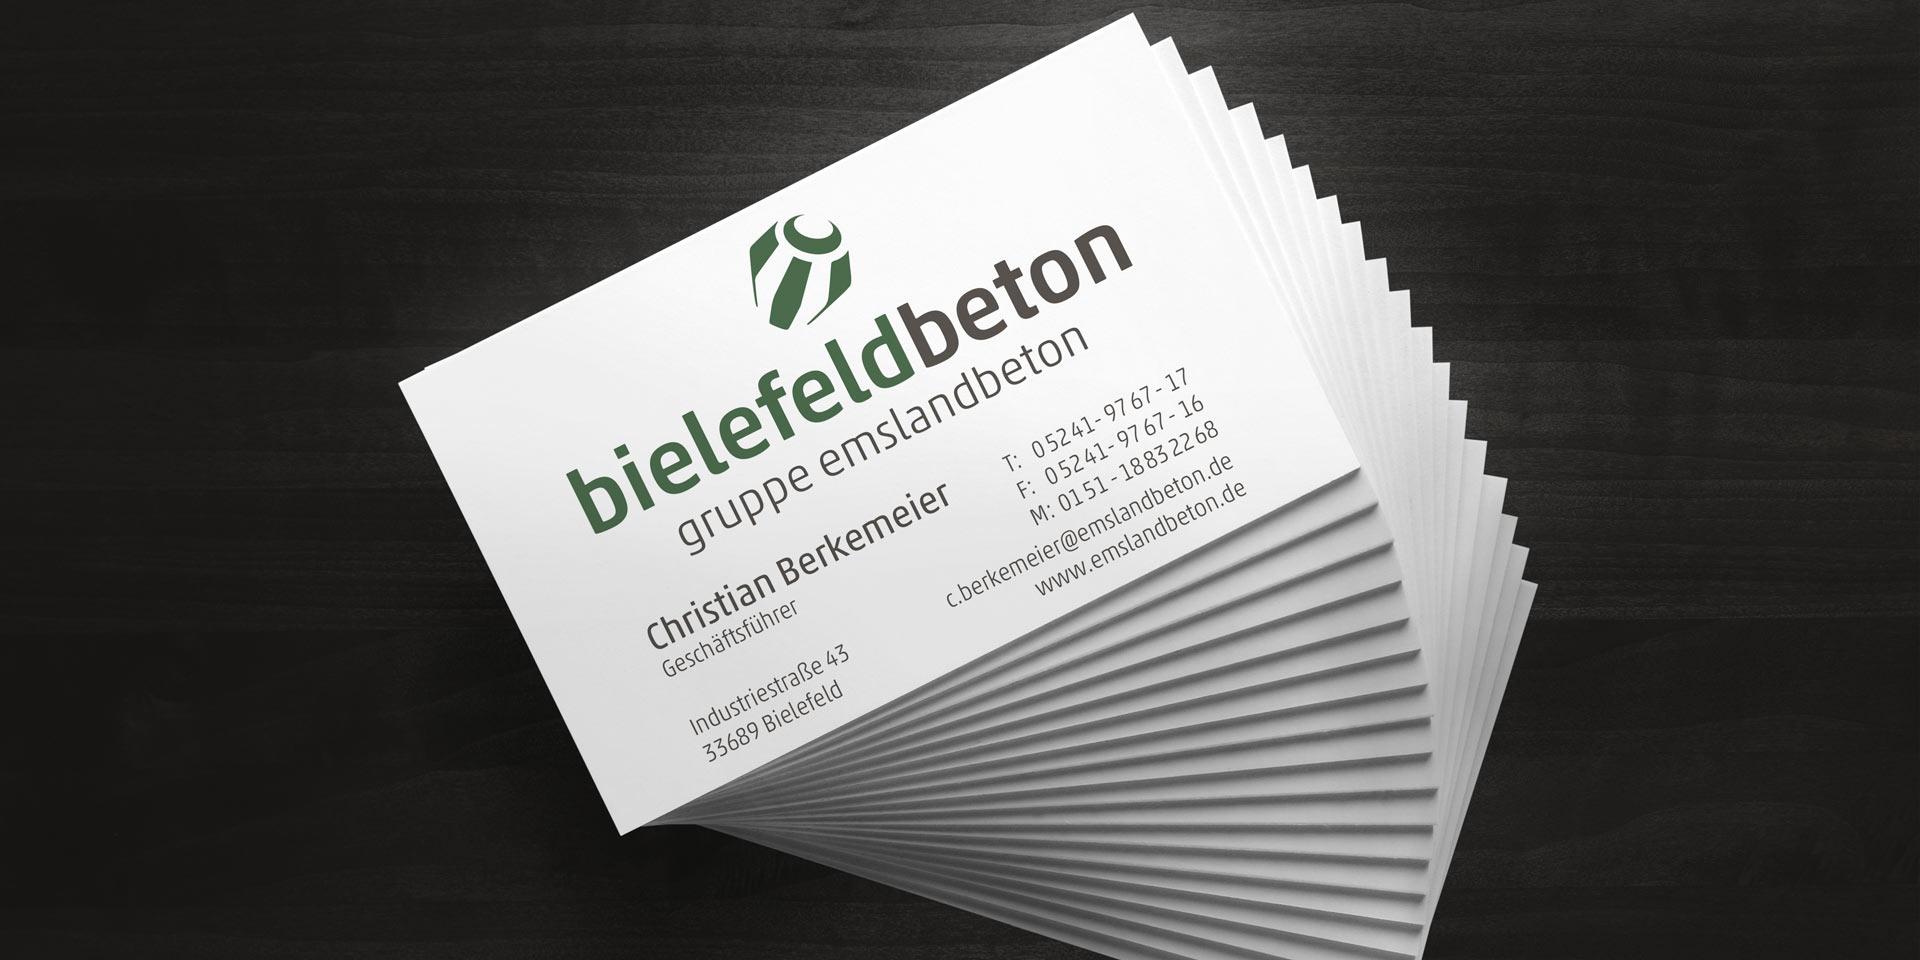 Logoentwicklung bielefeldbeton